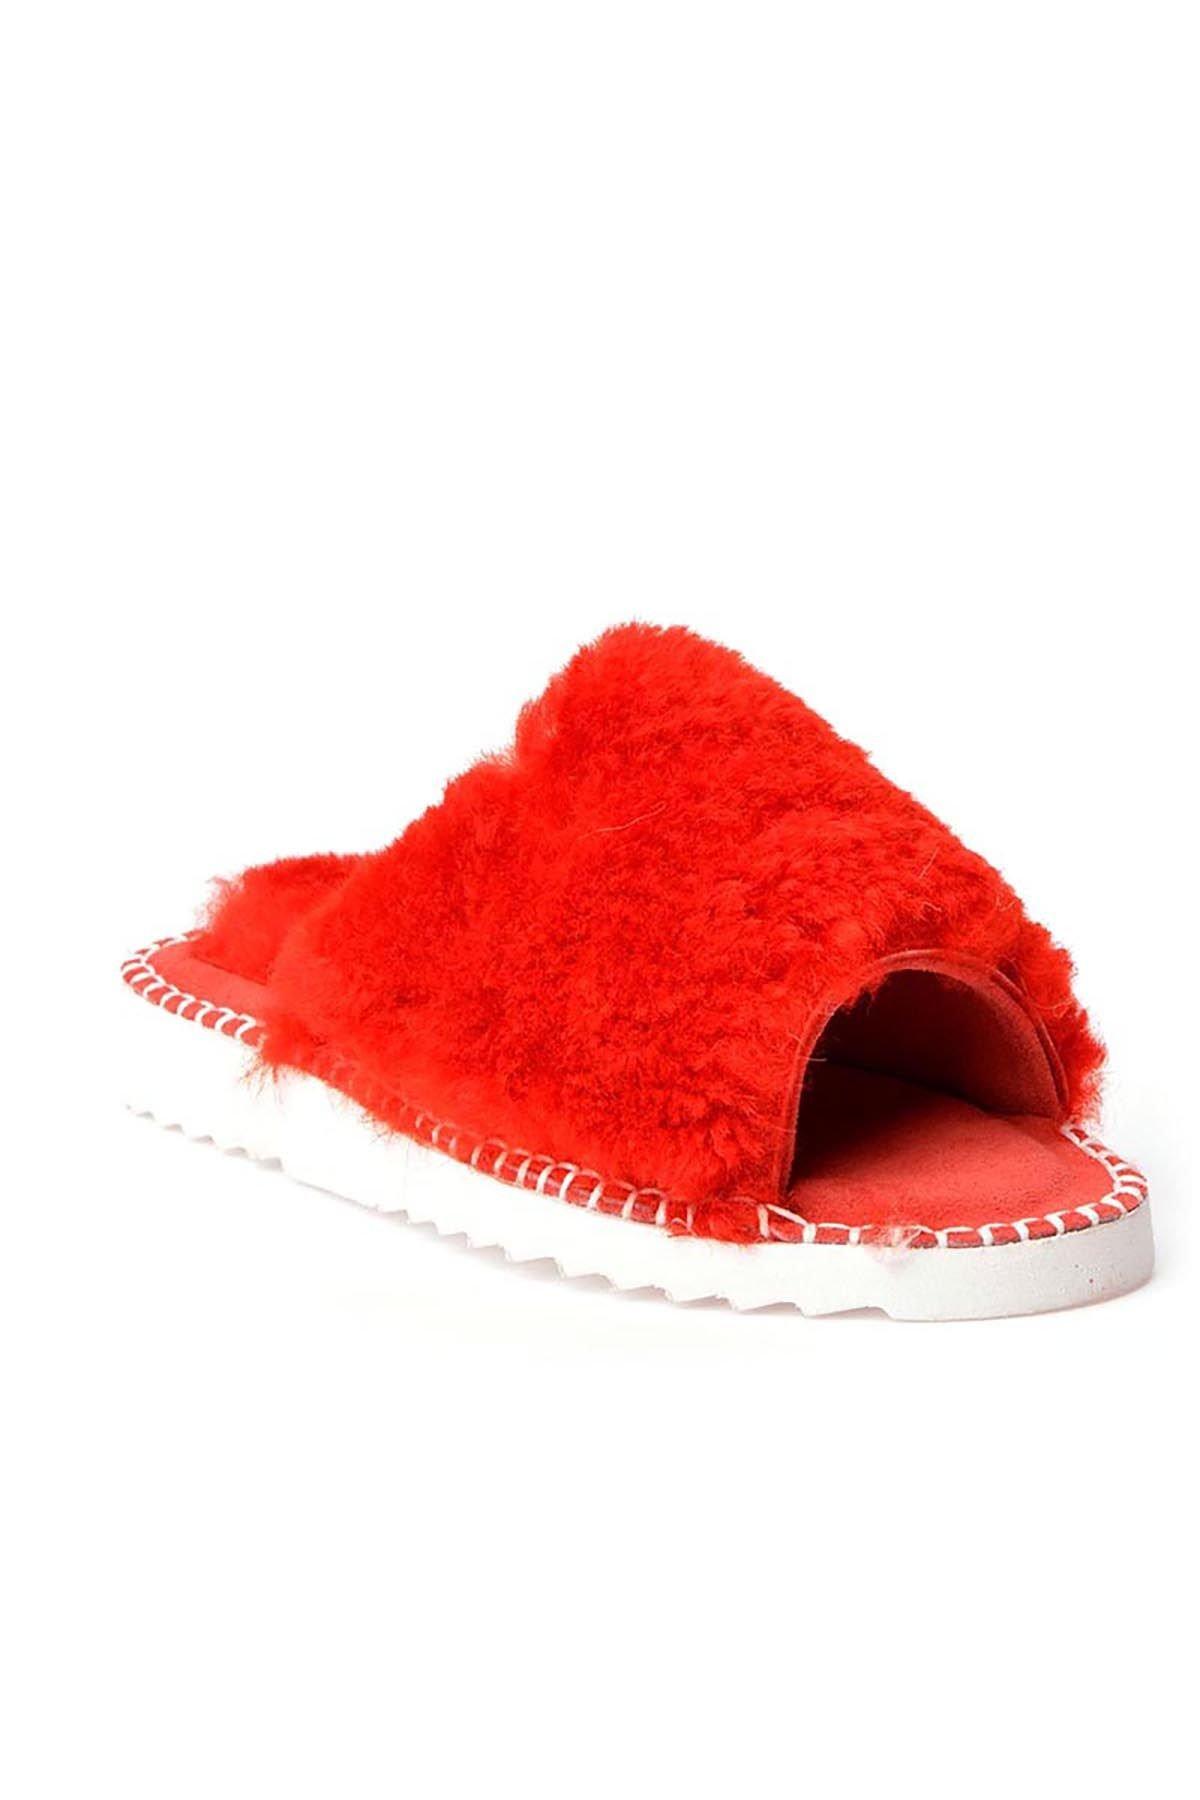 Pegia Port Pelle Женские Тапочки Из Натуральной Кожи Украшенные Мехом REC-007 Красный